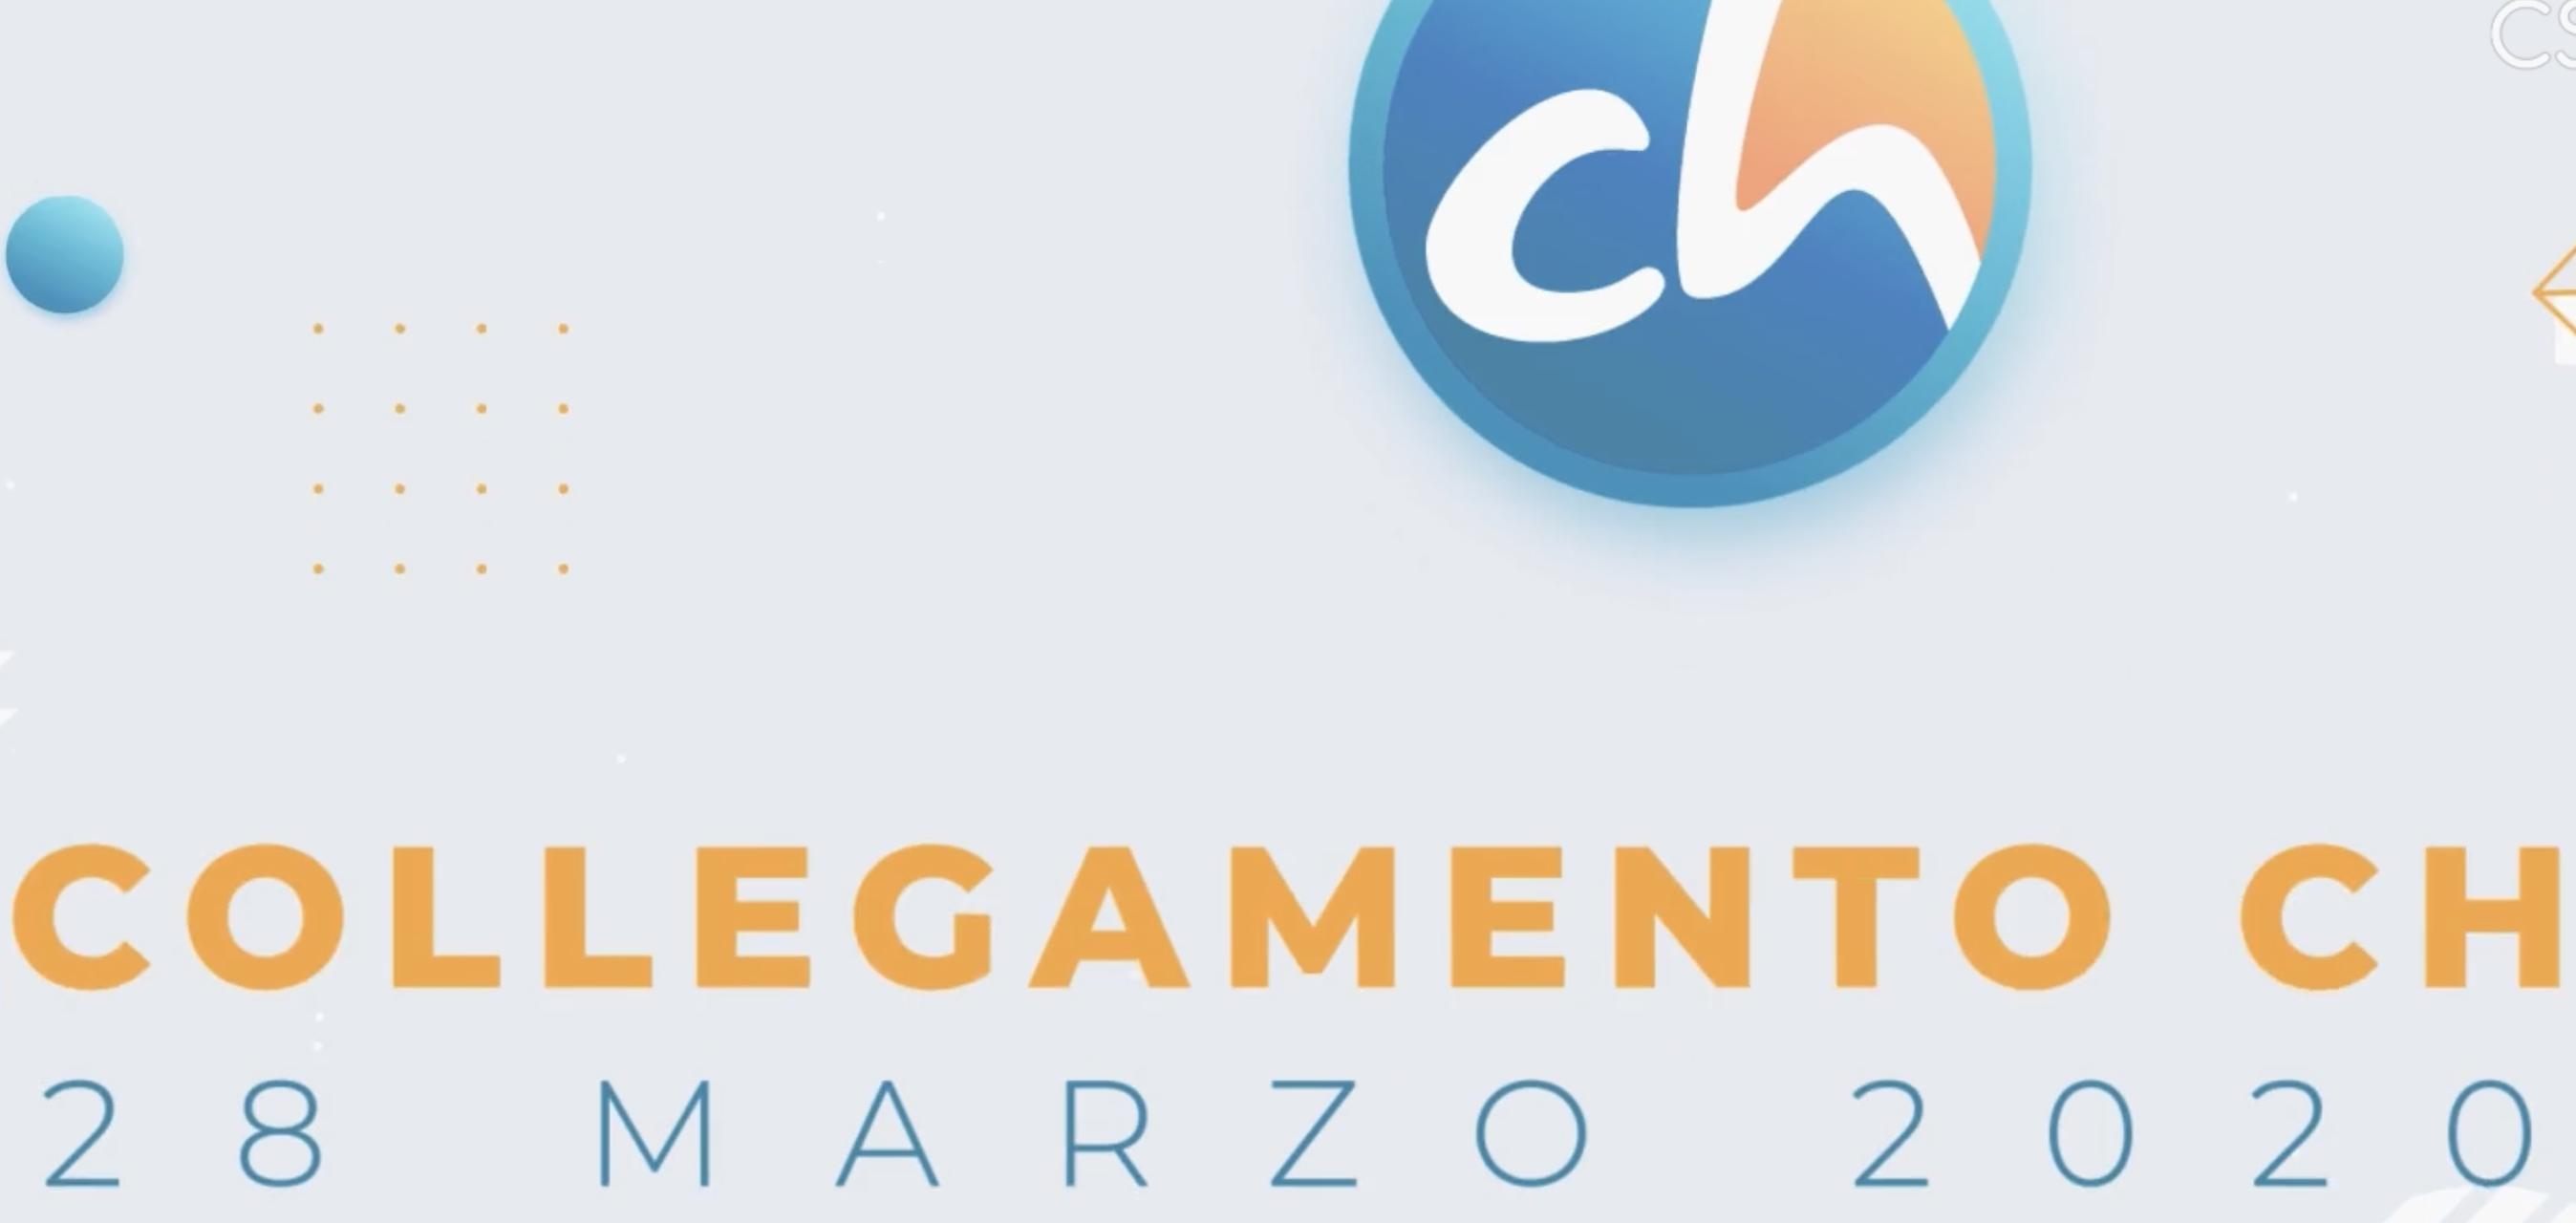 logo-CH-neg-300x85